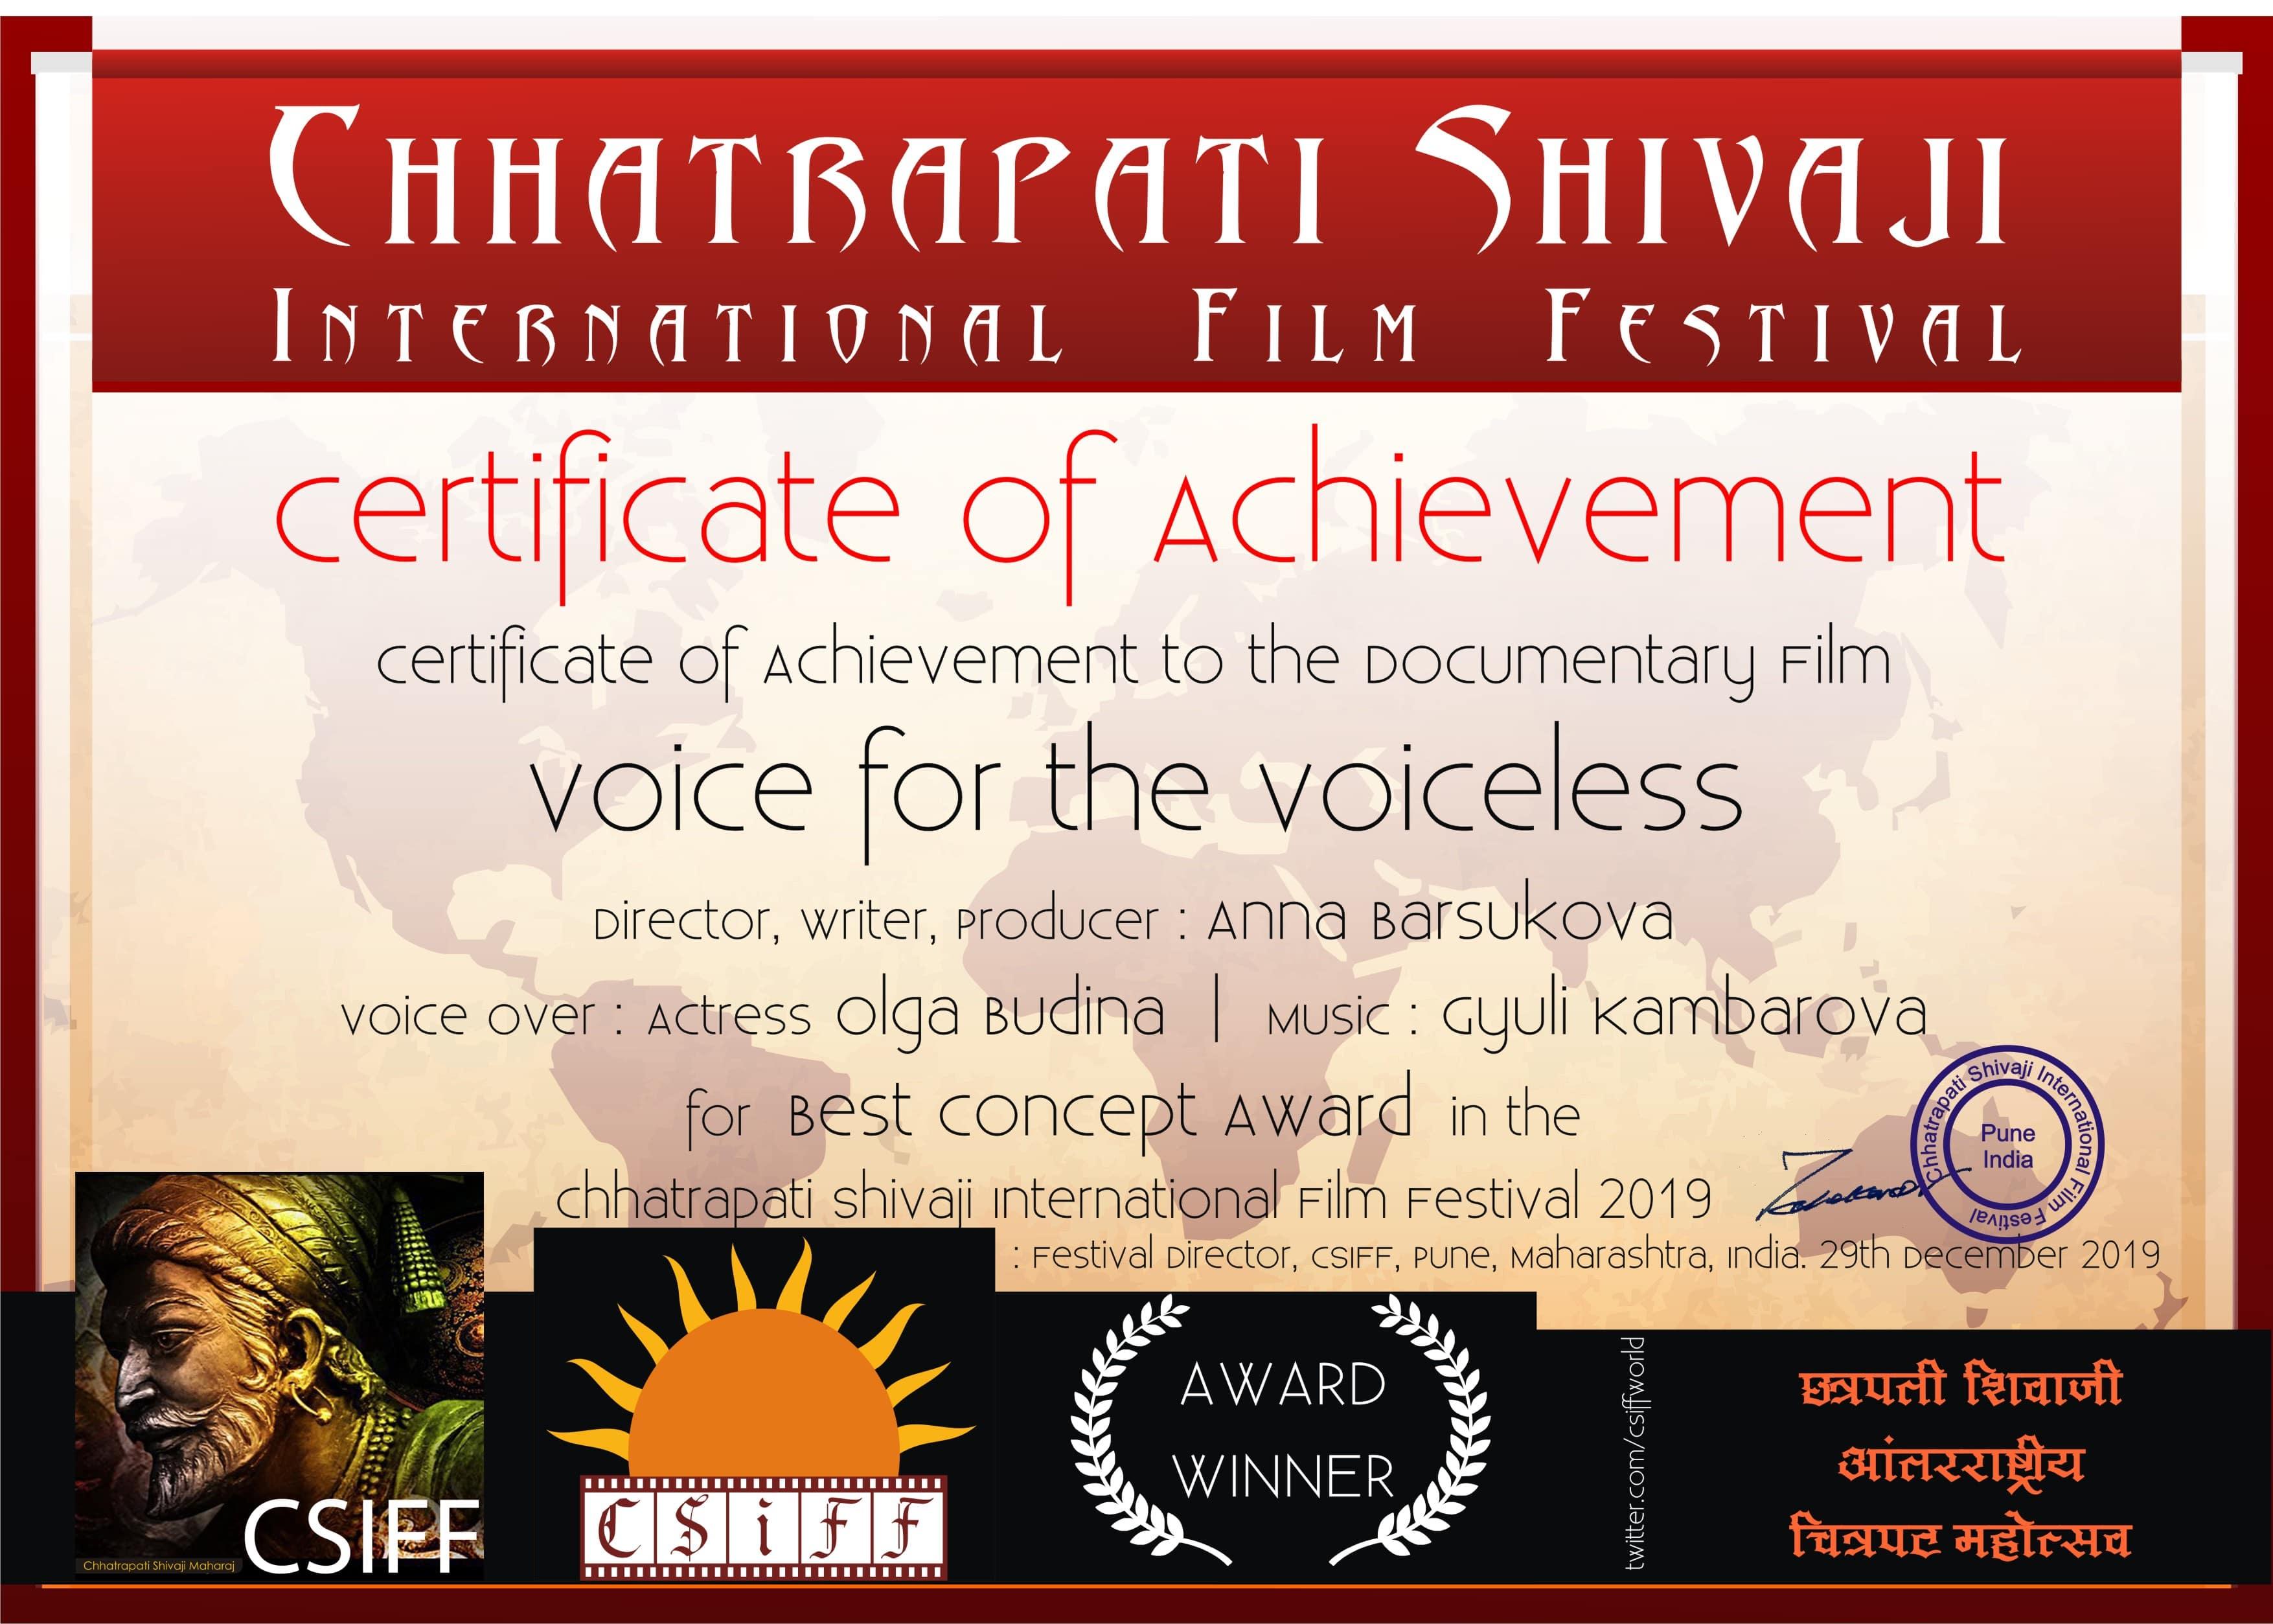 Best Concept Winner – Chhatrapati Shivaji Film Festival (Pune, India)